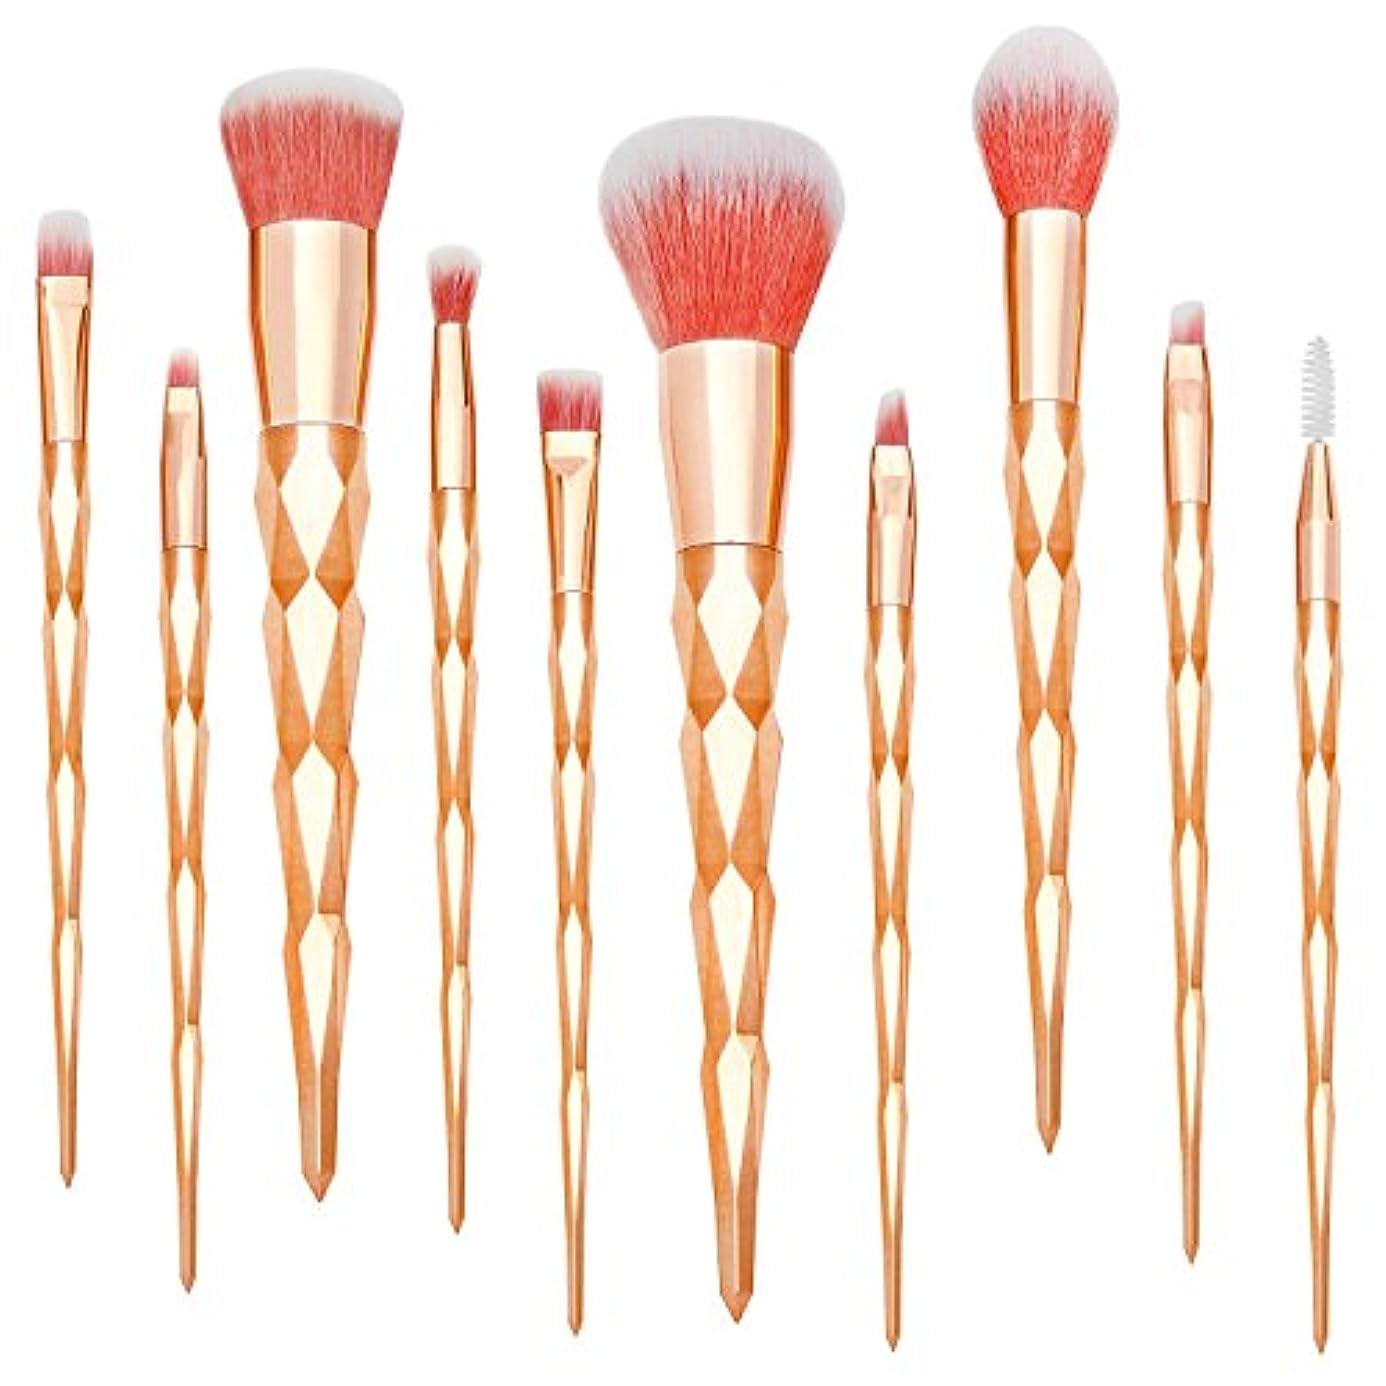 カートリッジドラム関税Qivange ユニコーンメイクブラシセット 化粧ブラシ 高級繊維 優しい肌触り 10本化粧筆セット 手柄キラキラ(貴族のゴールド)